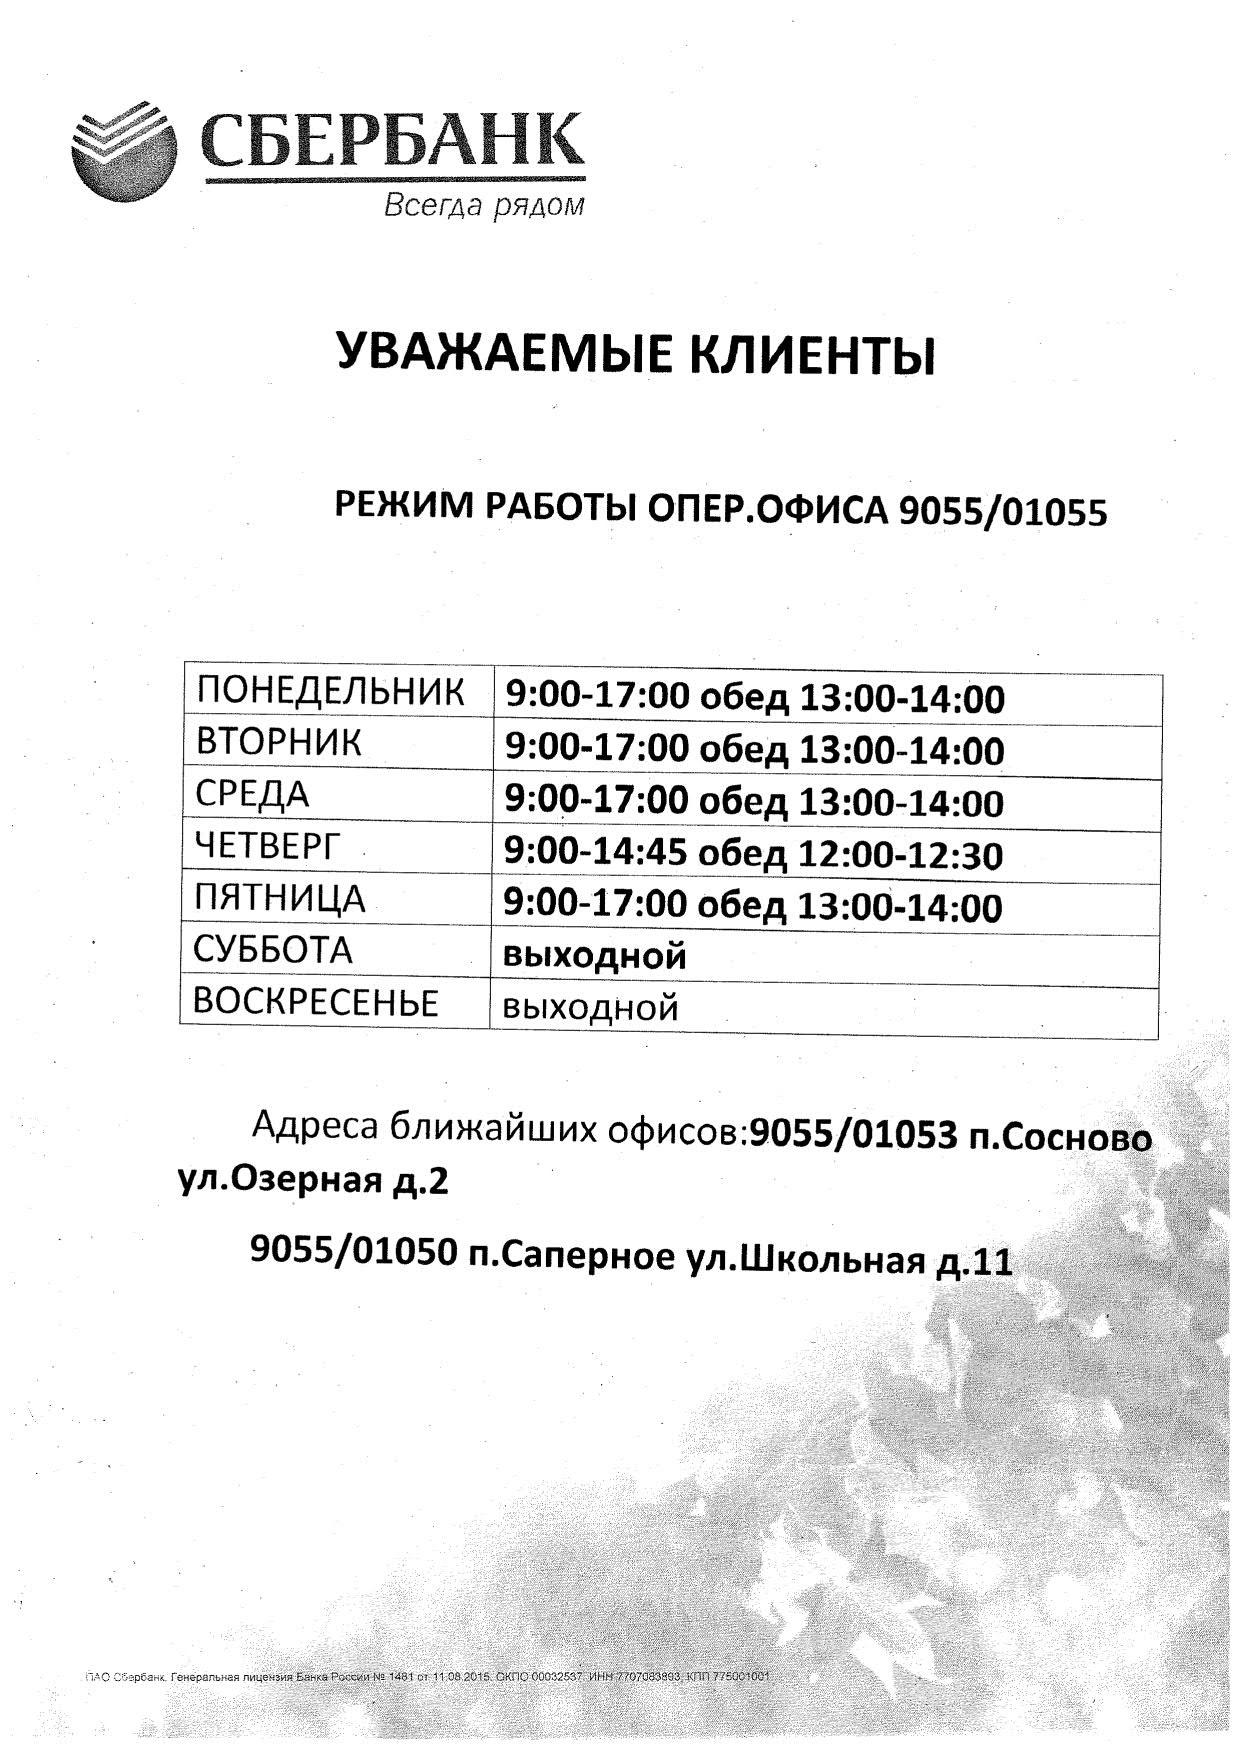 Режим работы Сбербанка_1